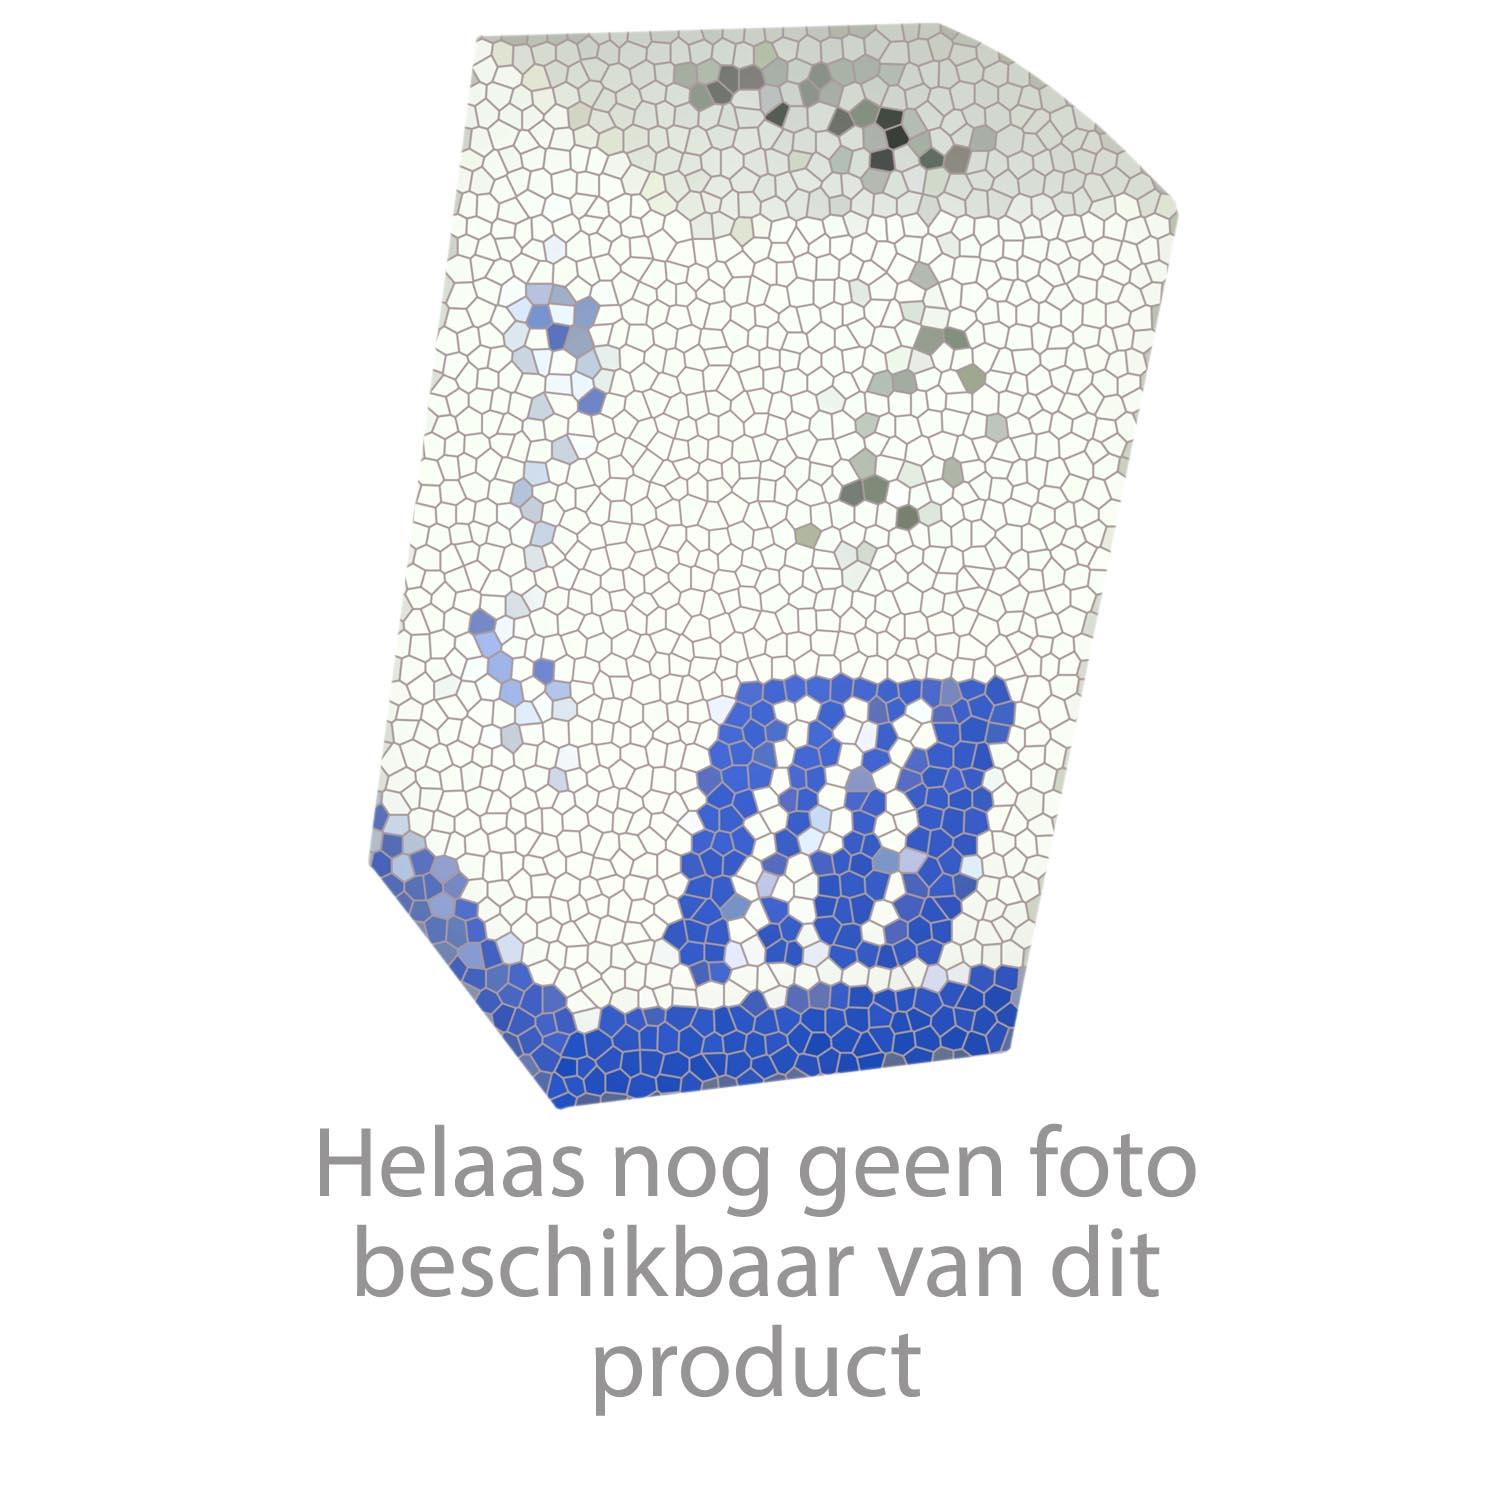 HansGrohe Keukenmengkranen Allegra Metropol productiejaar > 06/01 14842 onderdelen